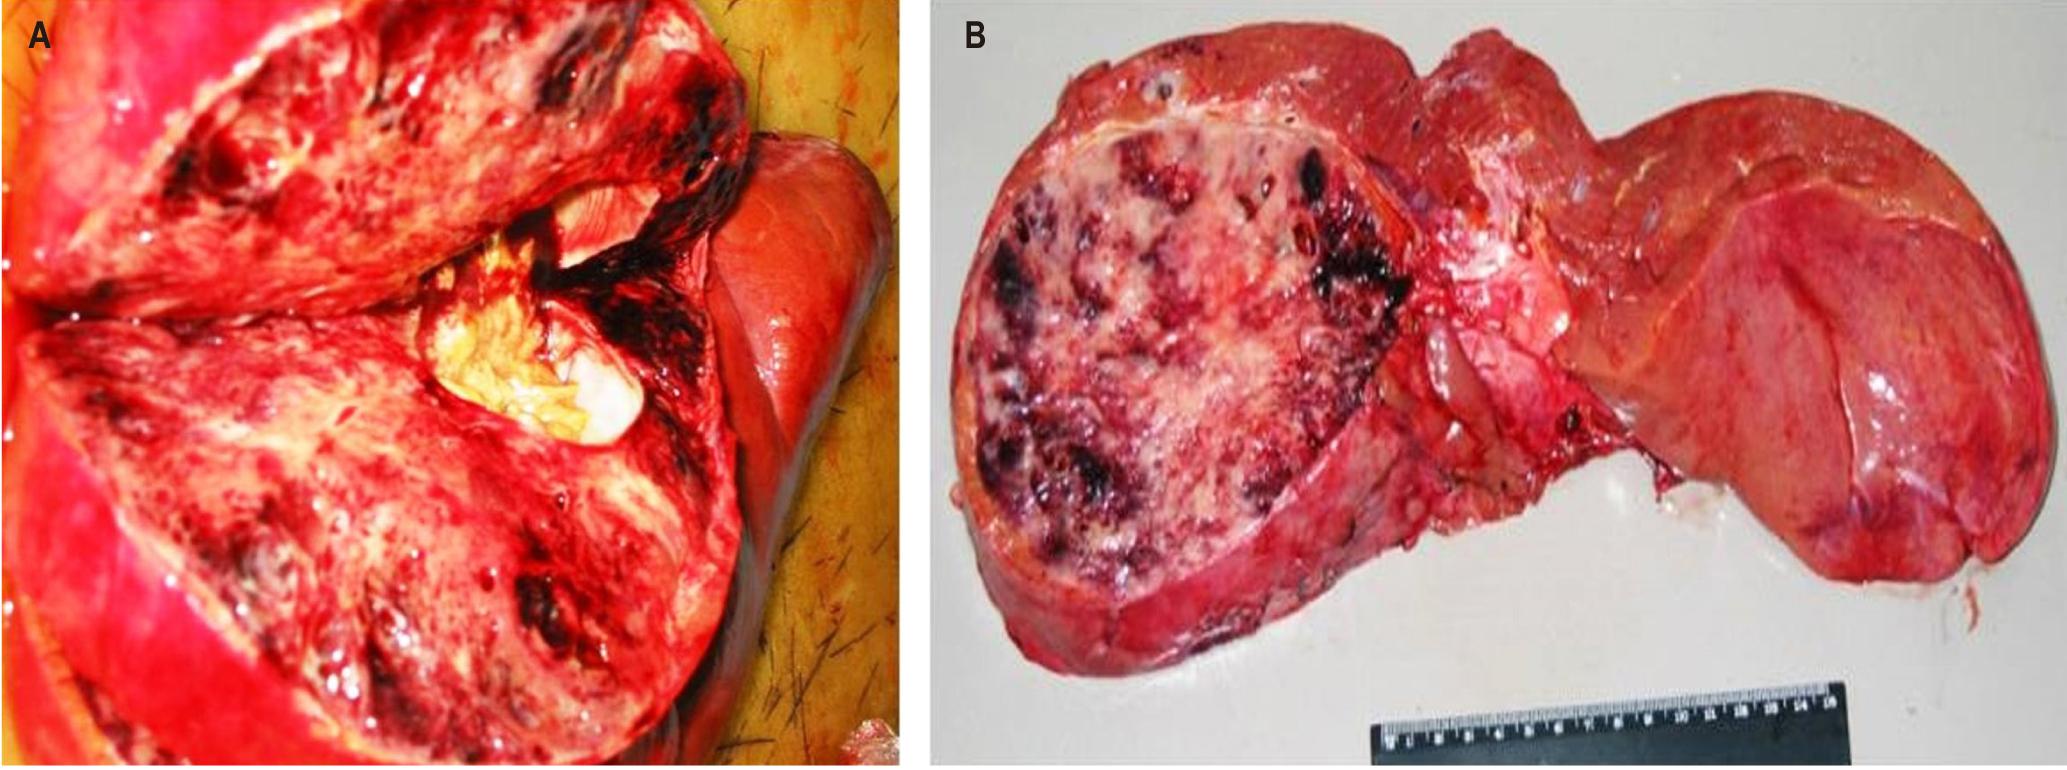 Figura 1. A. Corte del lóbulo derecho: obsérvese la masa tumoral, aparentemente bien delimitada, de aspecto abigarrado y con zonas blanquecinas hemorrágicas. B. Obsérvese la lesión tumoral típica